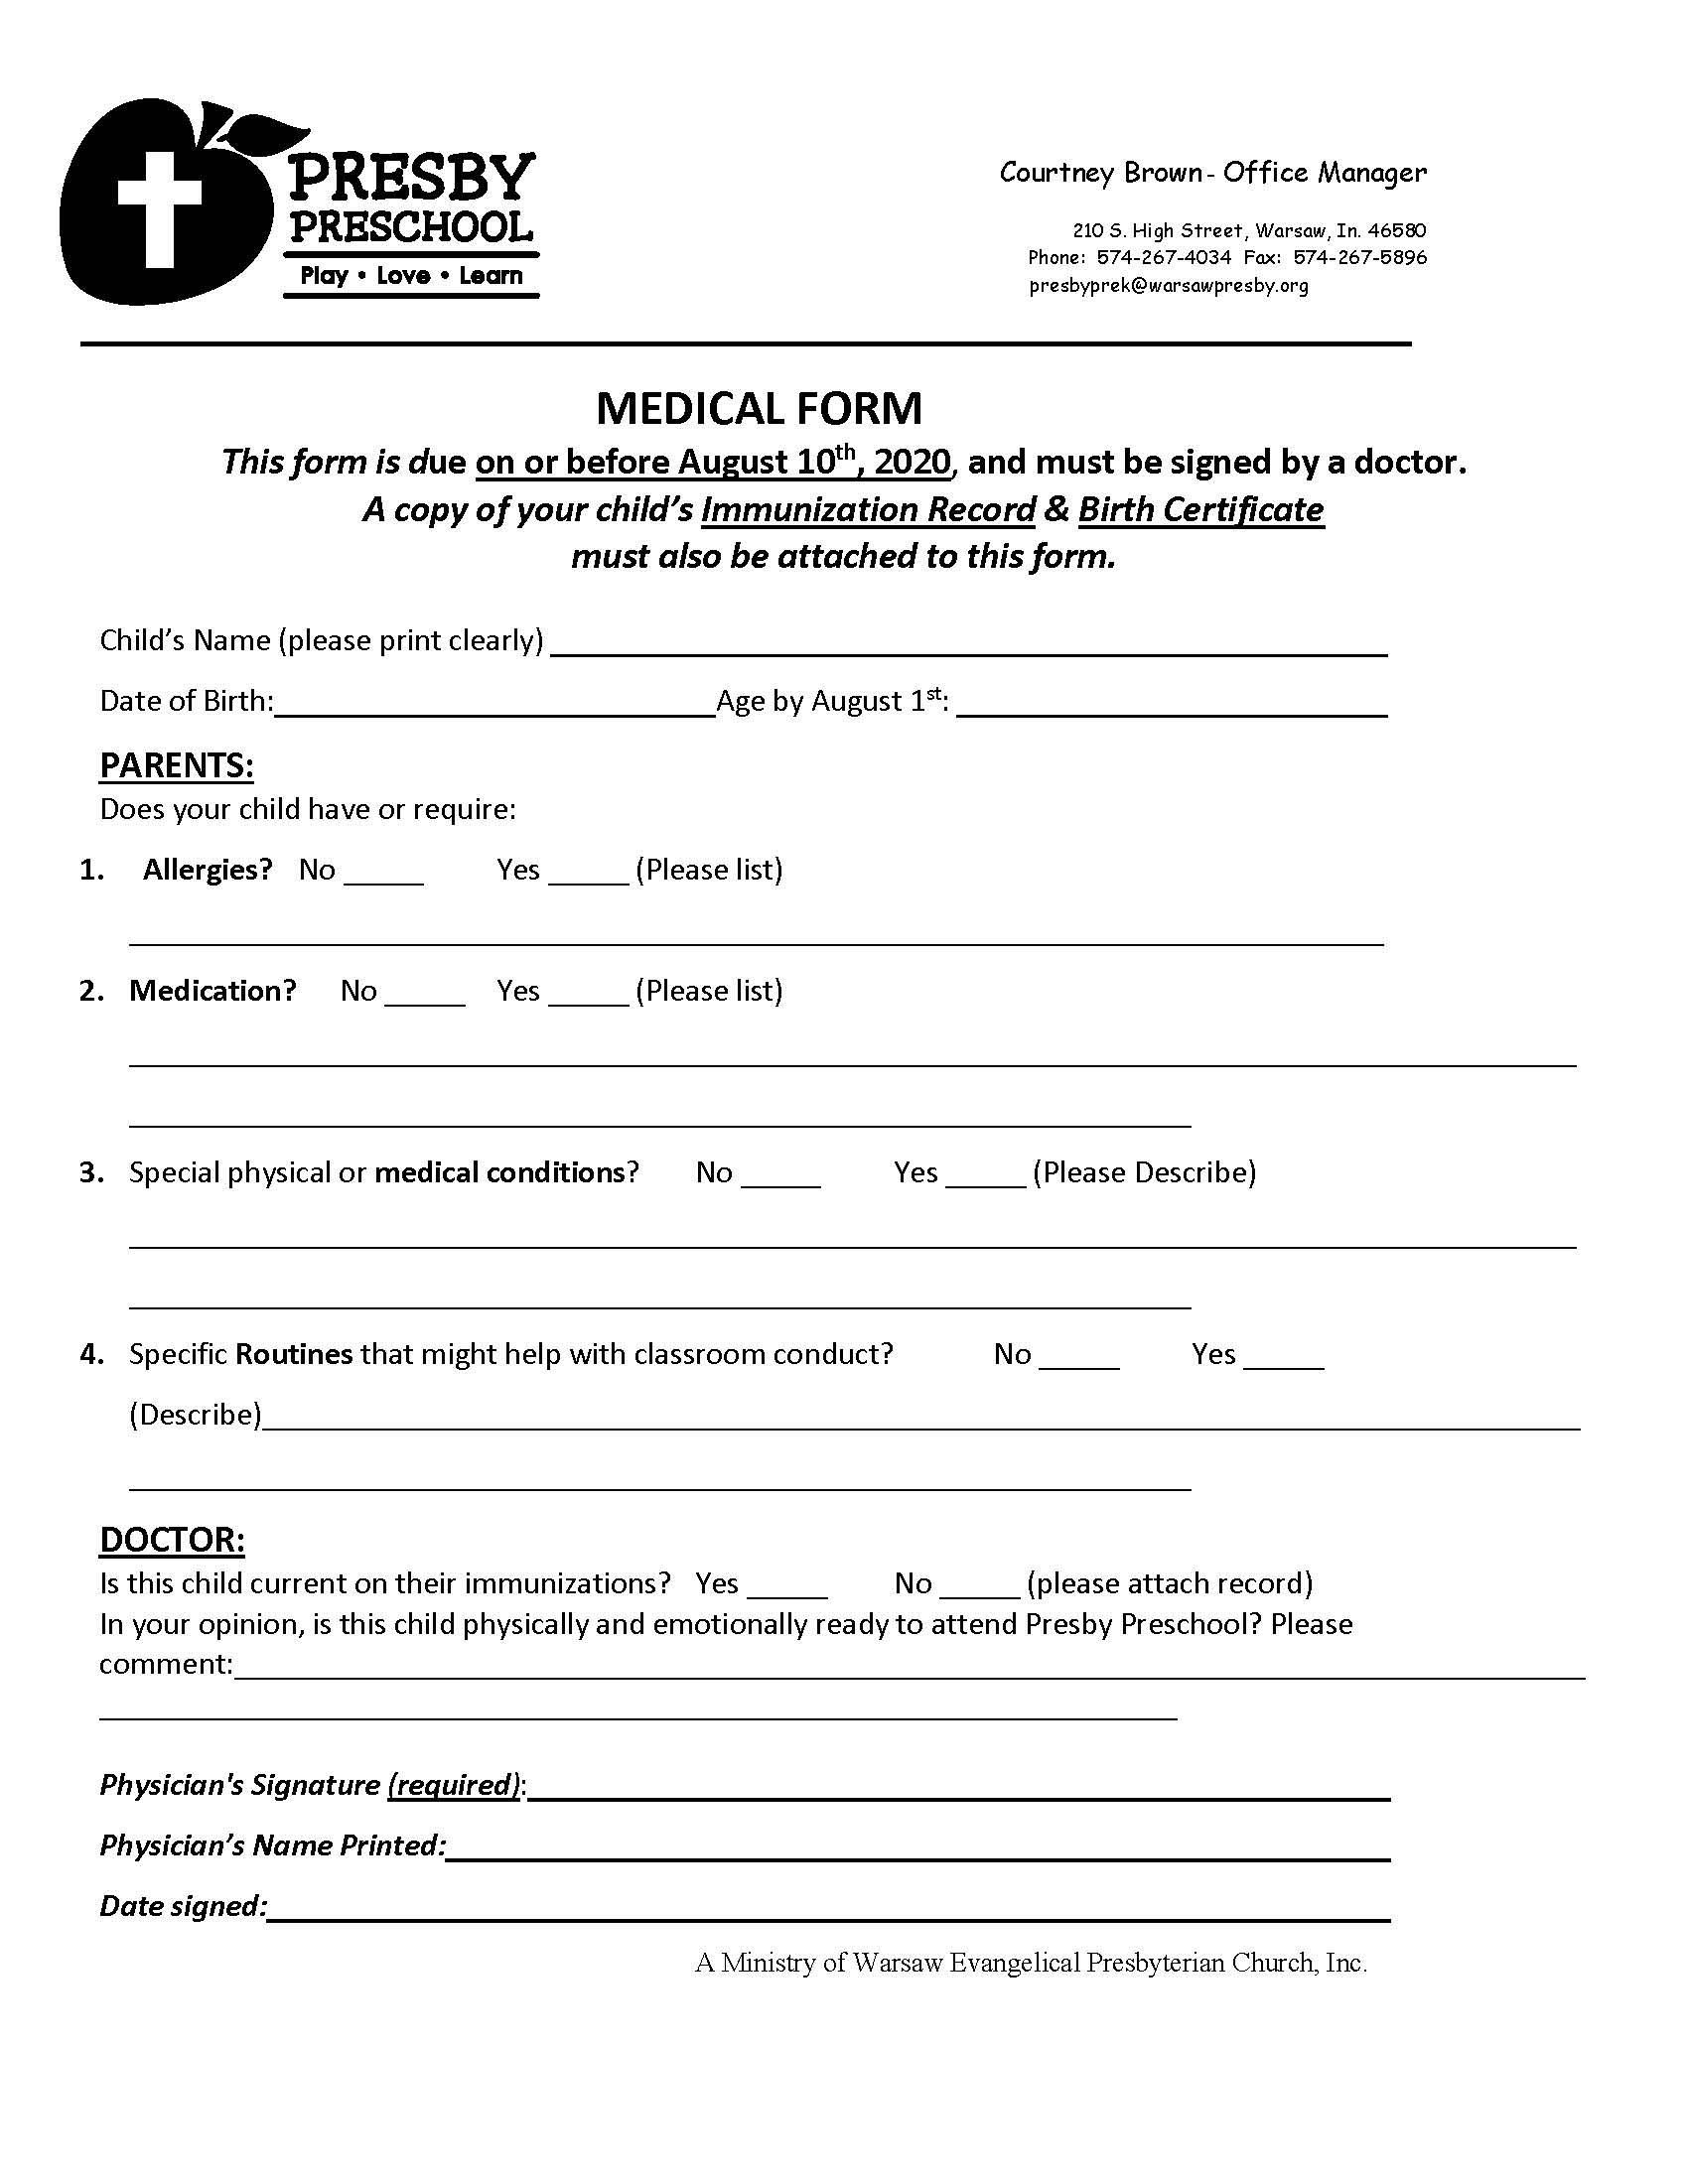 Medical Form 2020